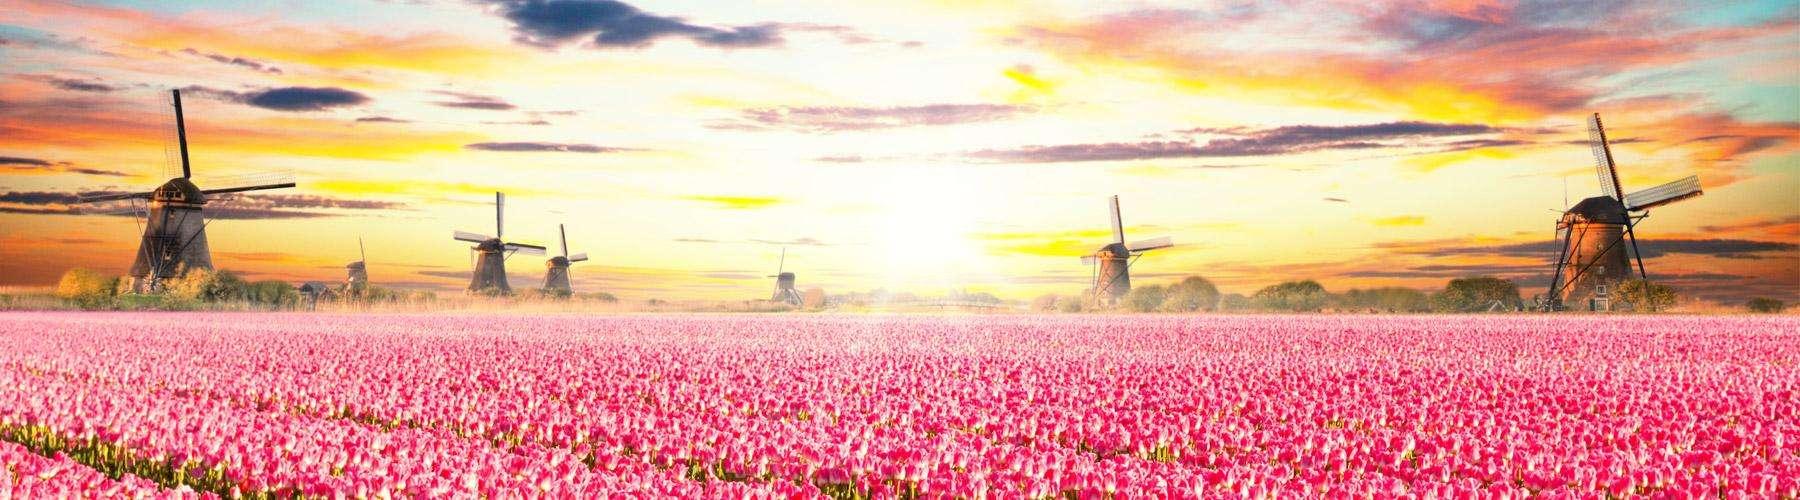 nederlandse reismaatschappijen